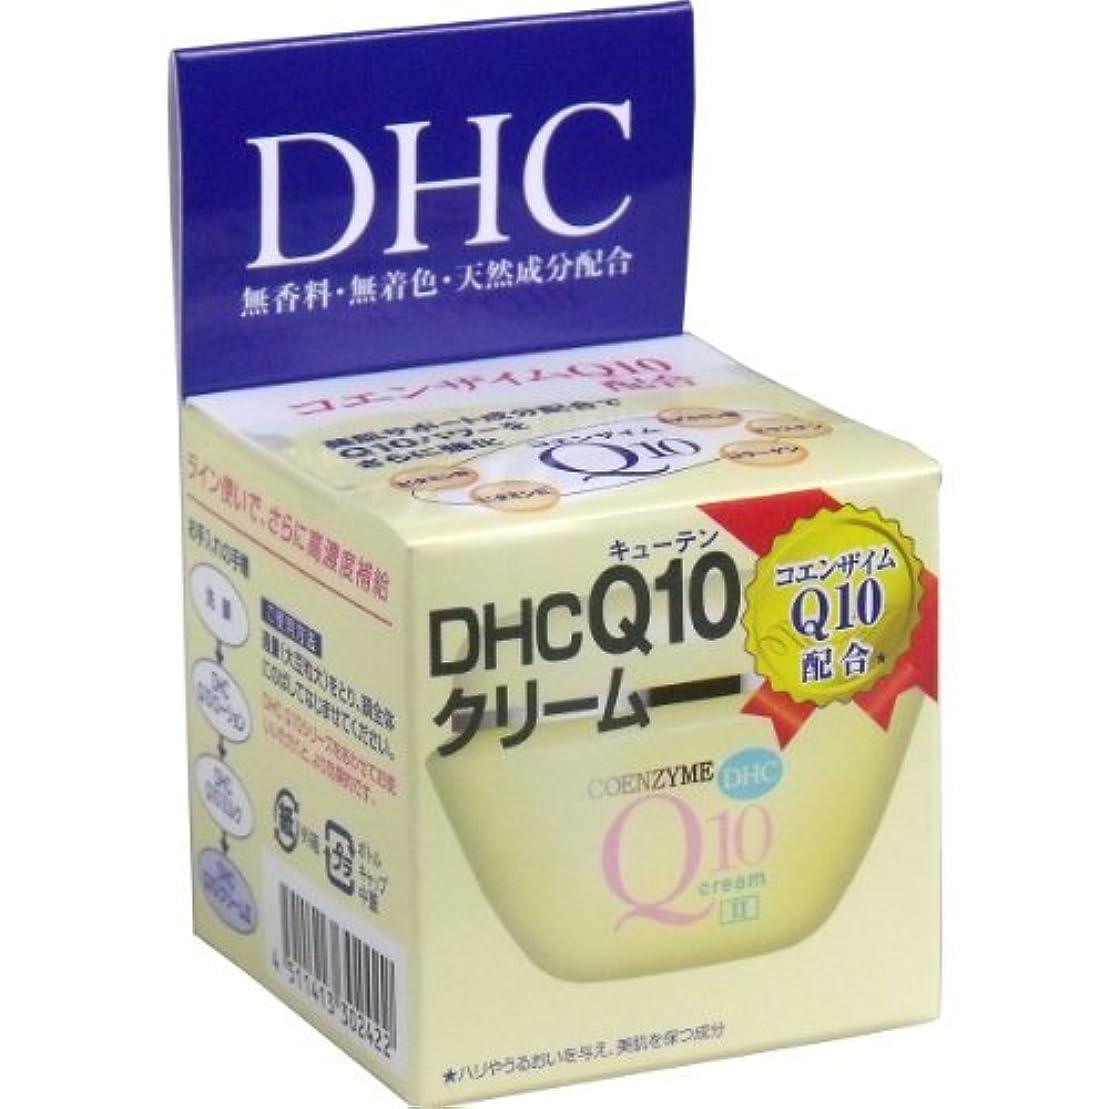 ラッドヤードキップリング甘くする順応性のある【DHC】DHC Q10クリーム2 (SS) 20g ×5個セット